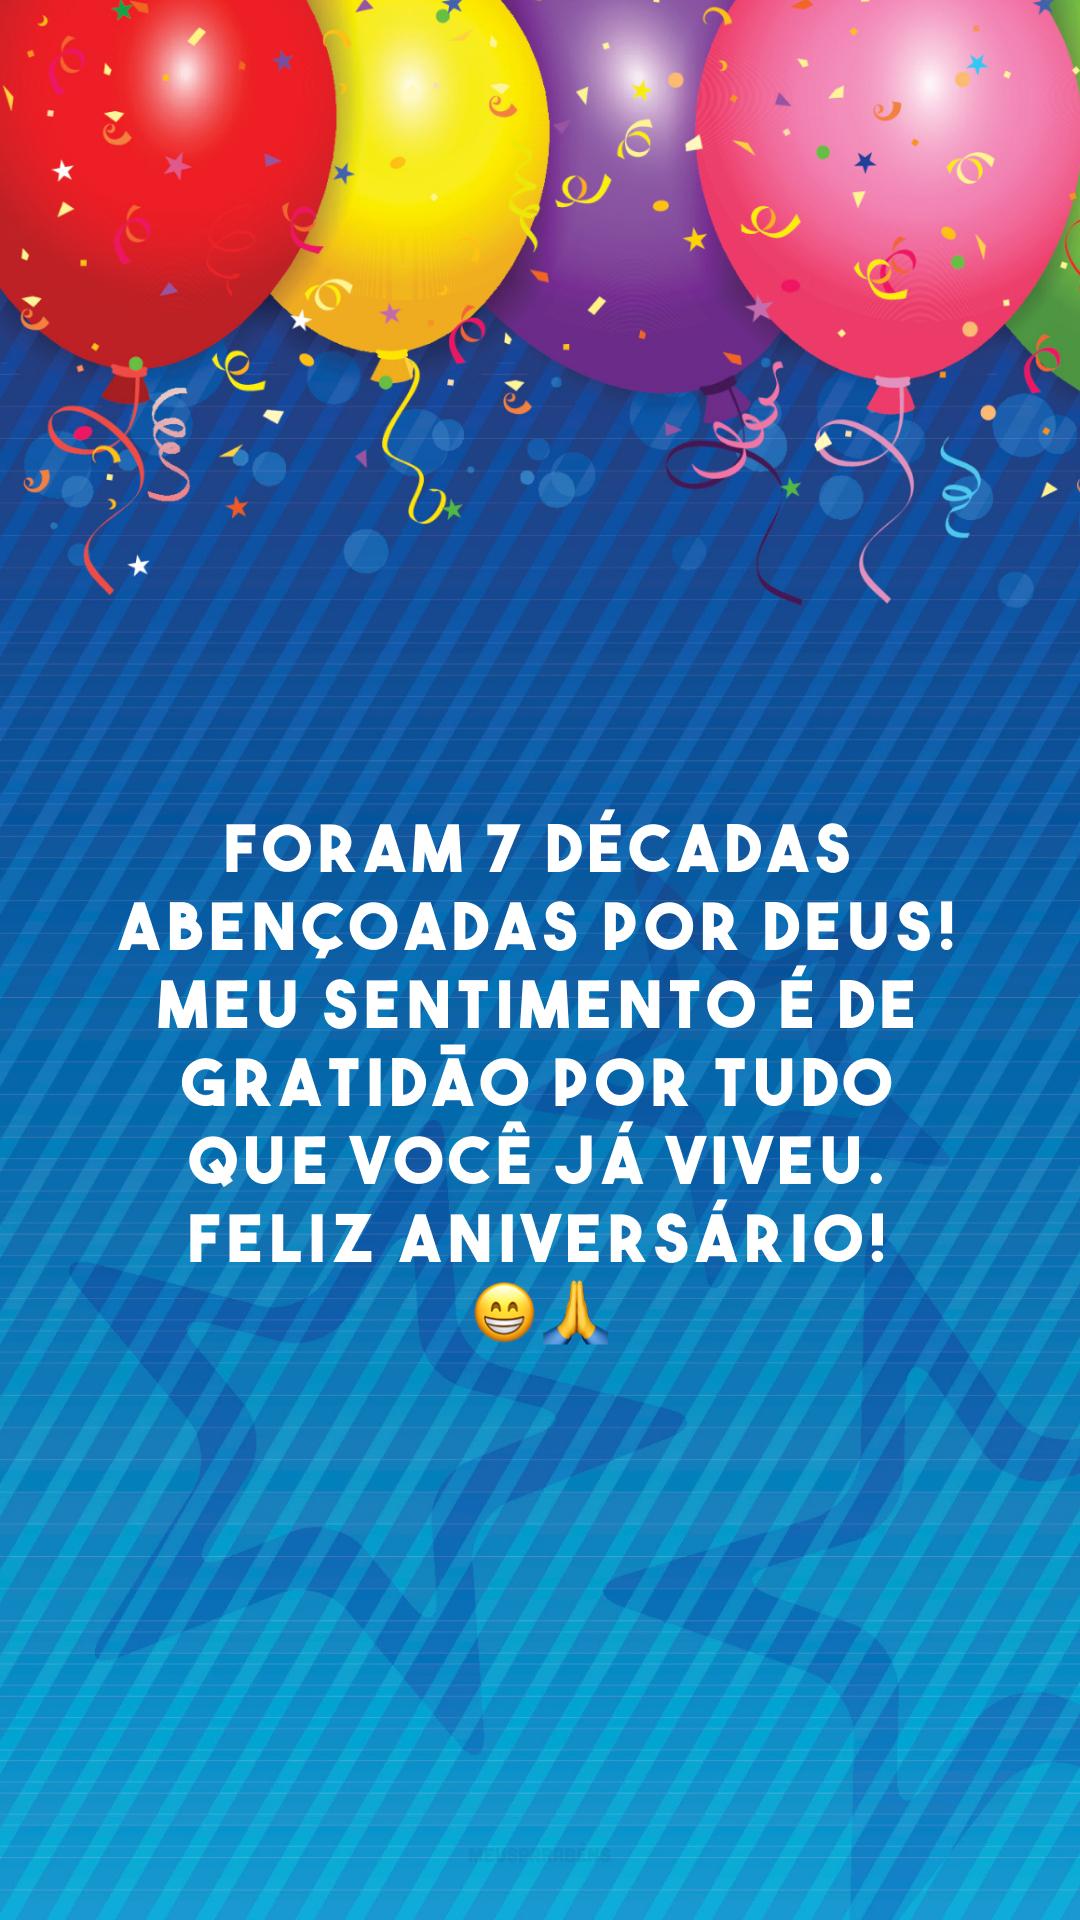 Foram 7 décadas abençoadas por Deus! Meu sentimento é de gratidão por tudo que você já viveu. Feliz aniversário! 😁🙏